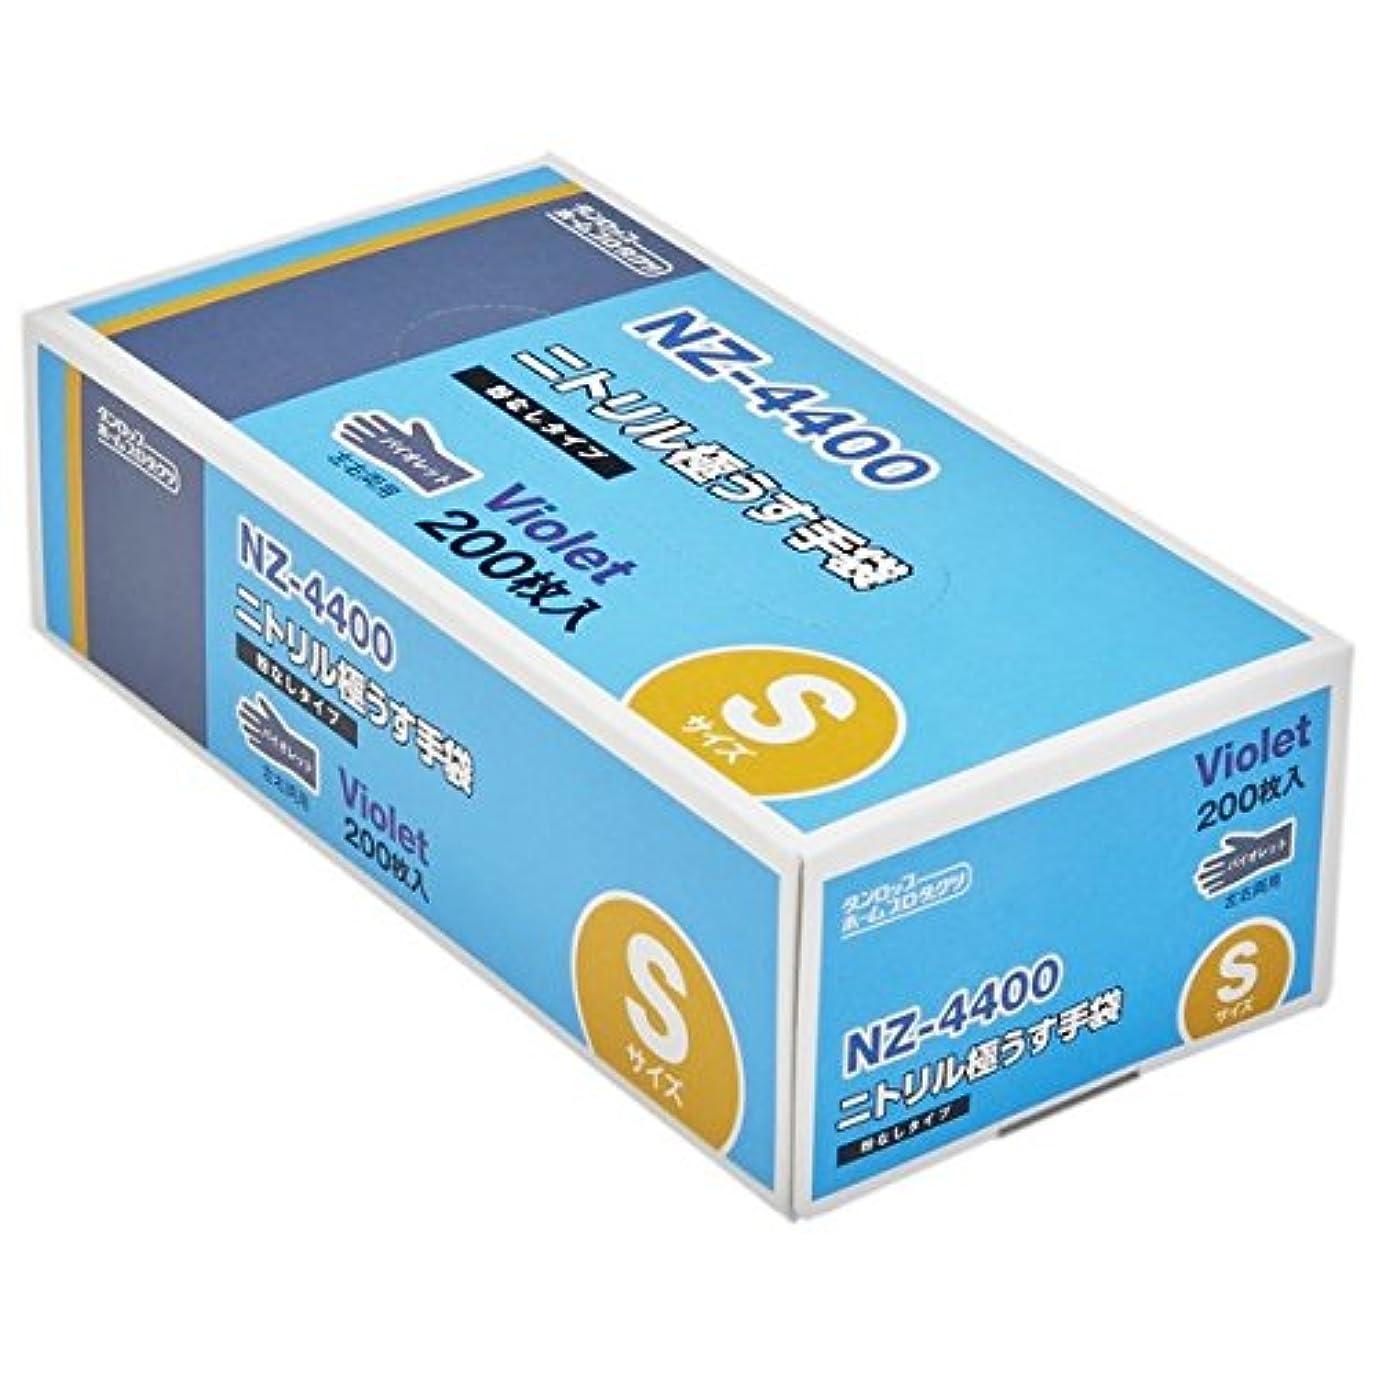 決定する突進笑いダンロップ ニトリル極うす手袋 NZ-4400 バイオレット 粉なし Sサイズ 200枚入